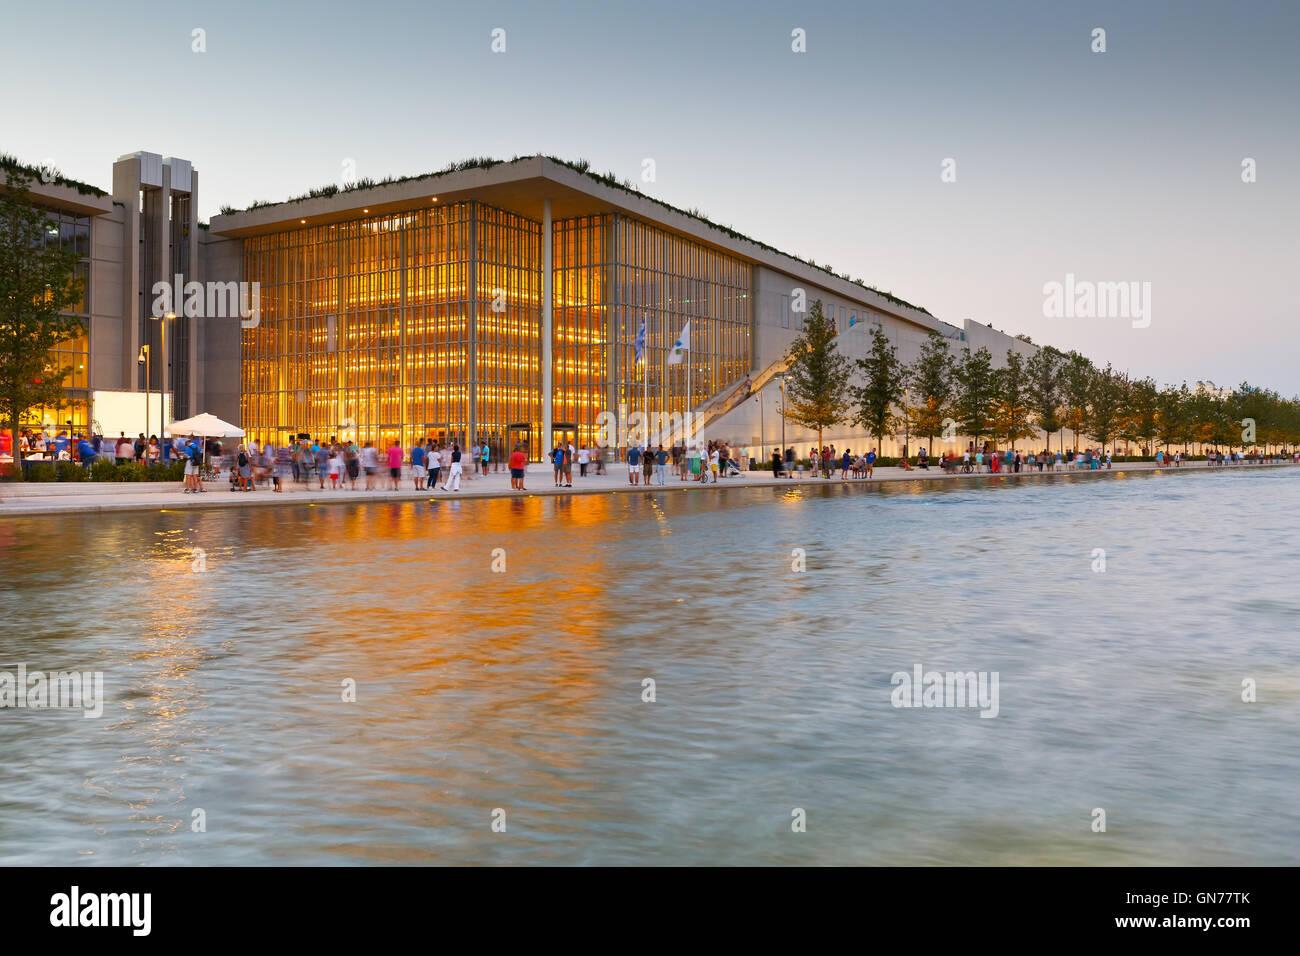 Vista de Stavros Niarchos Foundation Centro Cultural en la ciudad de Atenas. Imagen De Stock